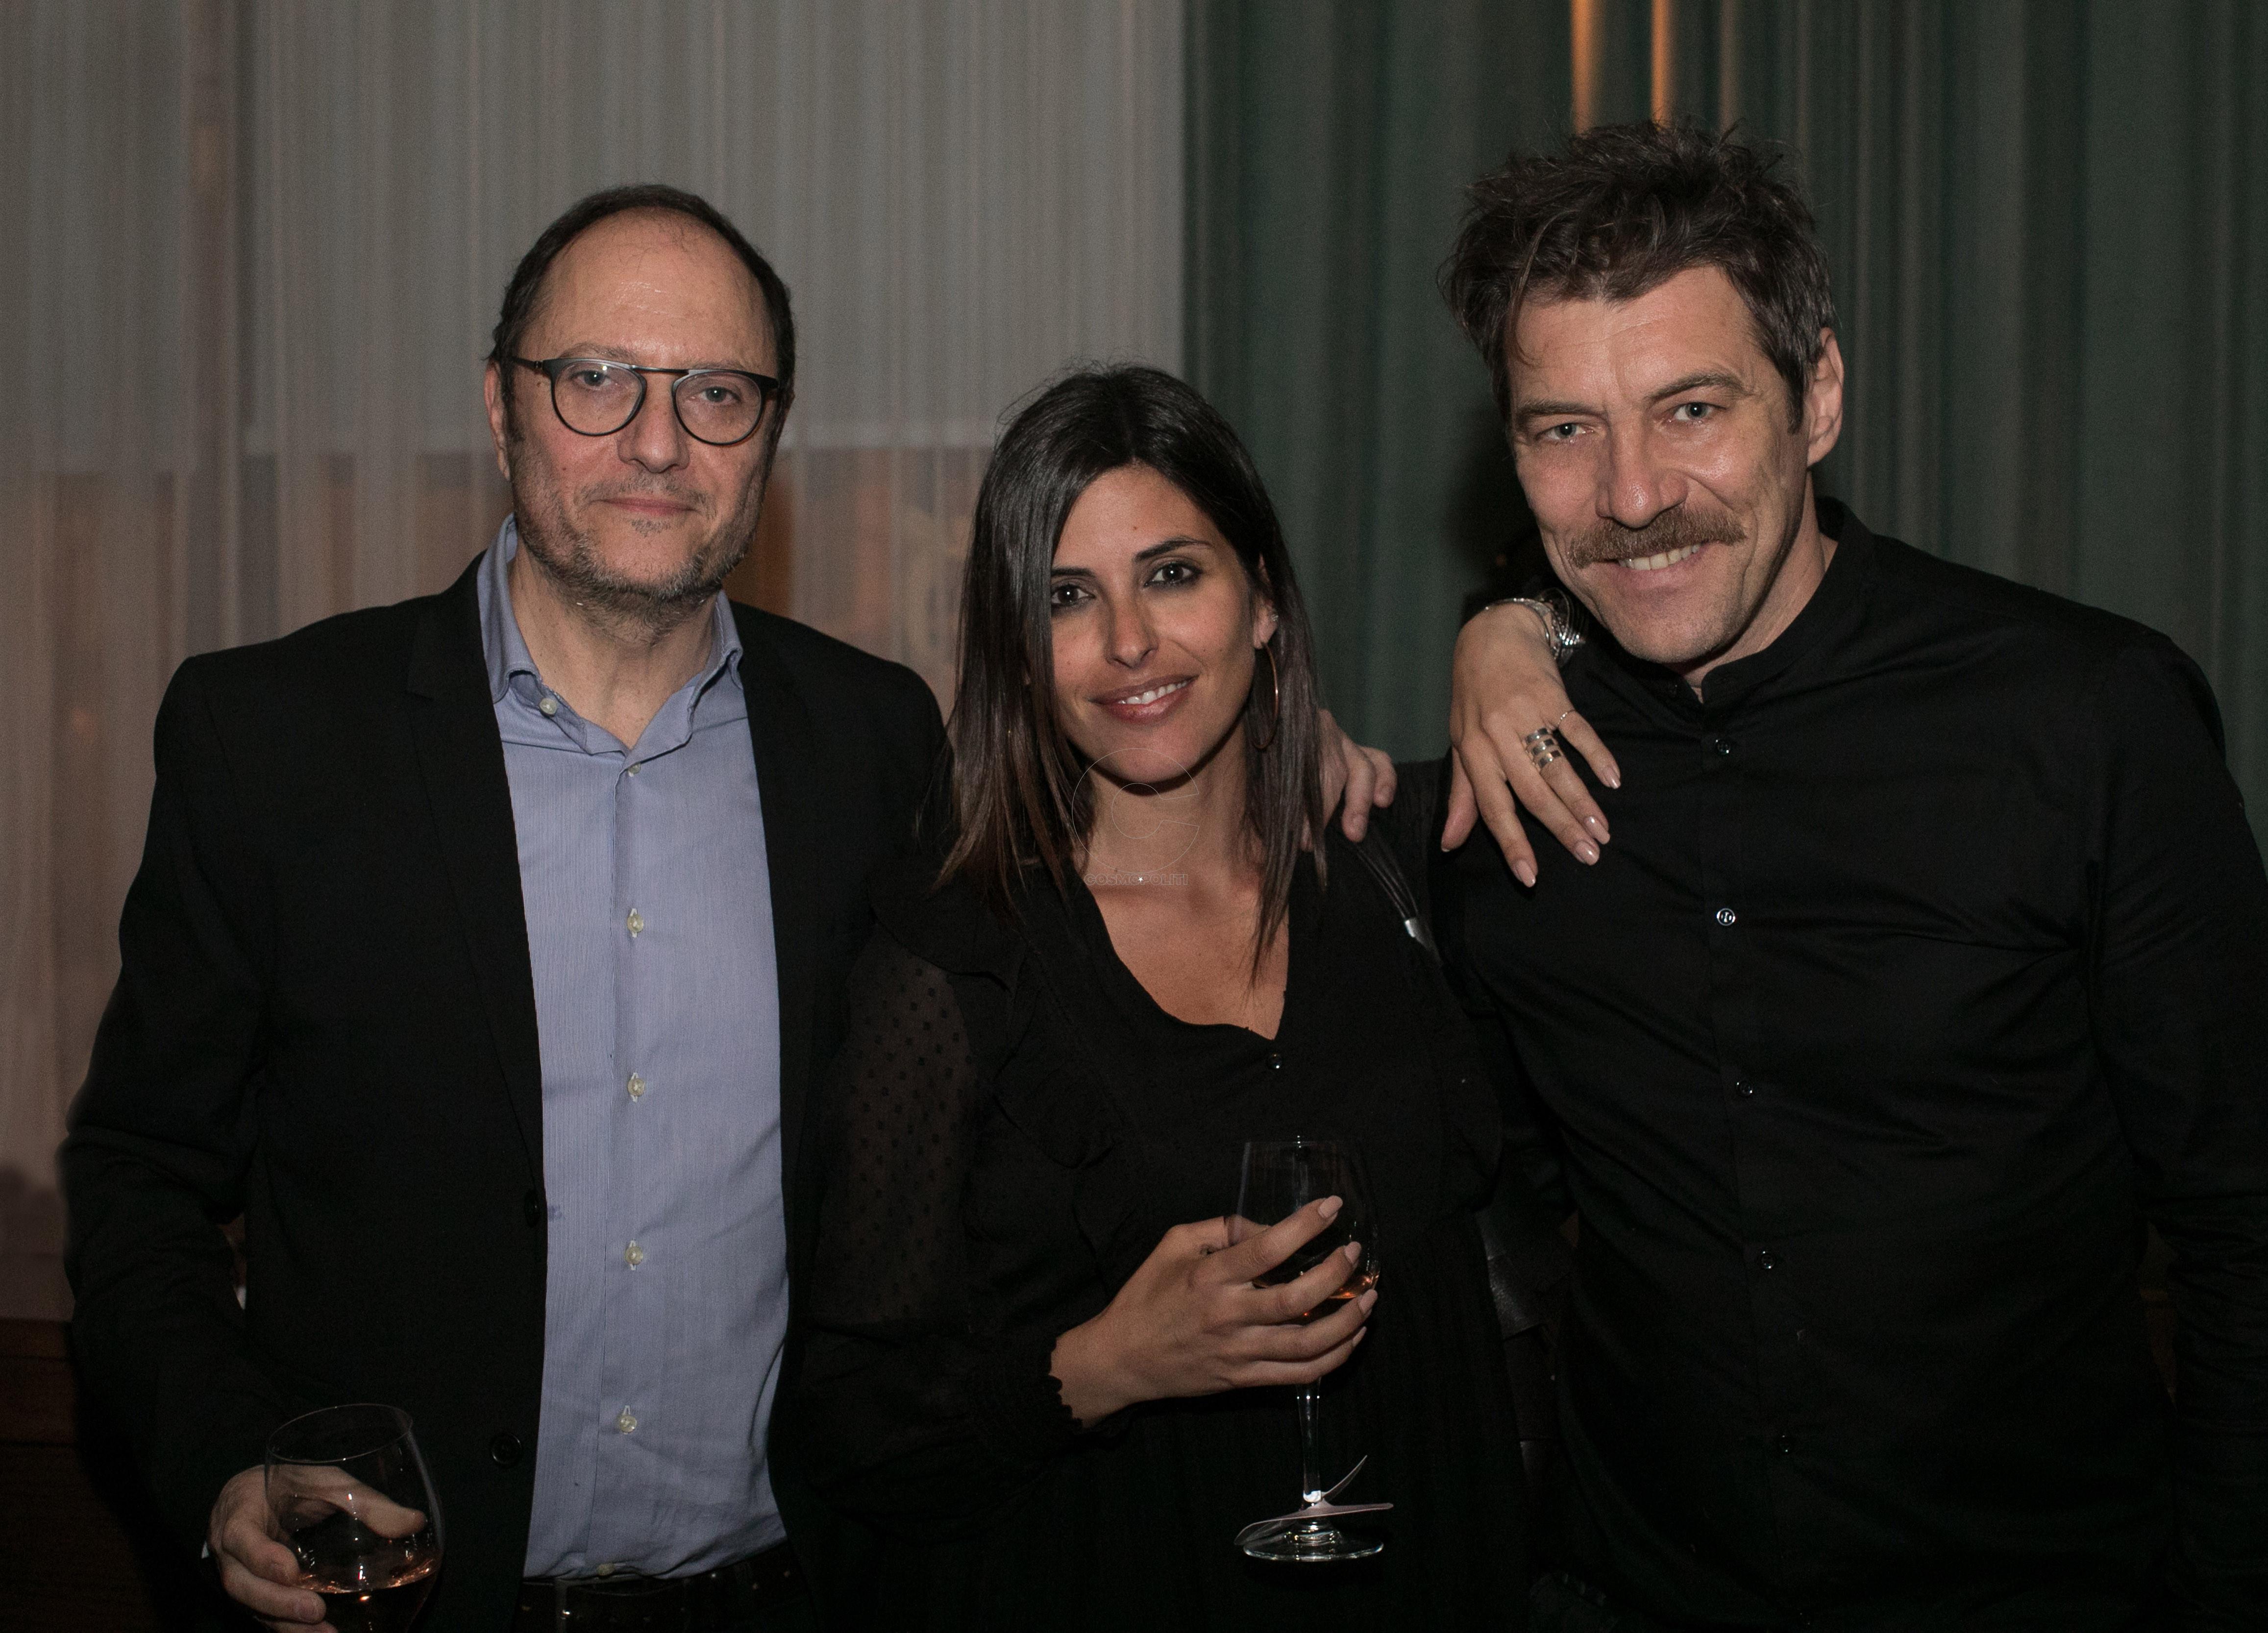 Στηβ Κρικρής -Chiara Gensini - Γιάννης Στάνκογλου